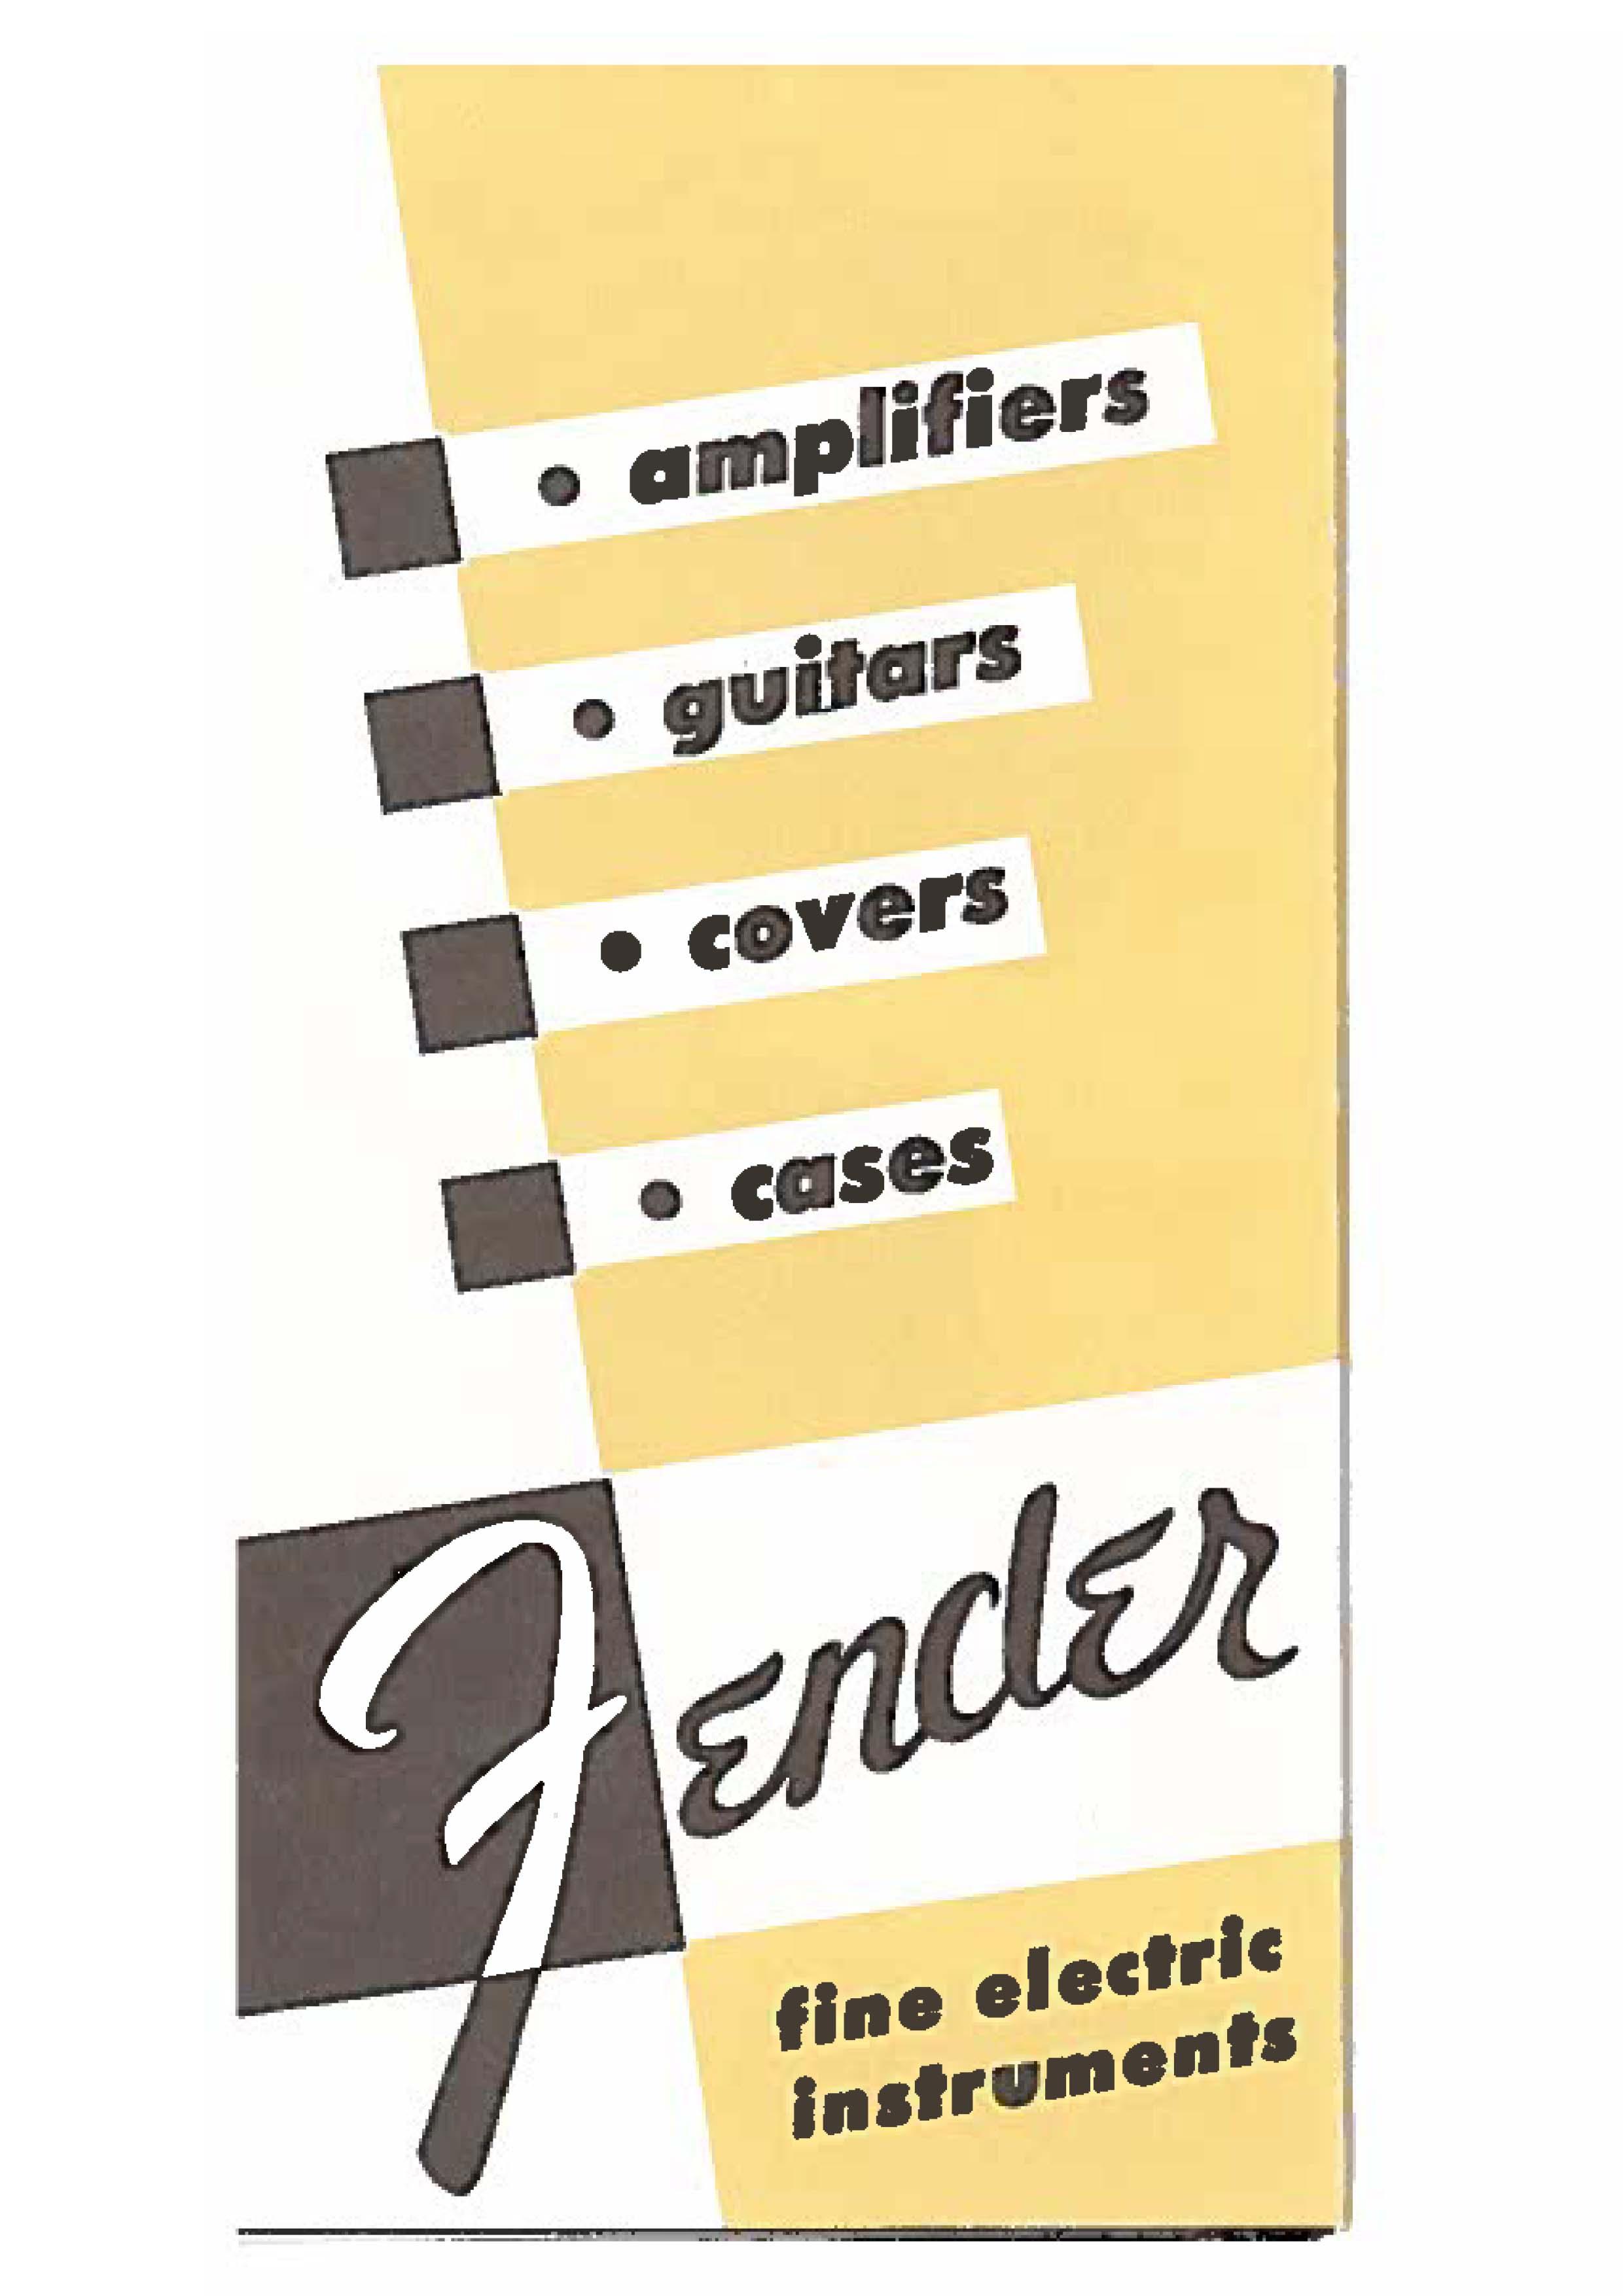 Fender Catalog 1953